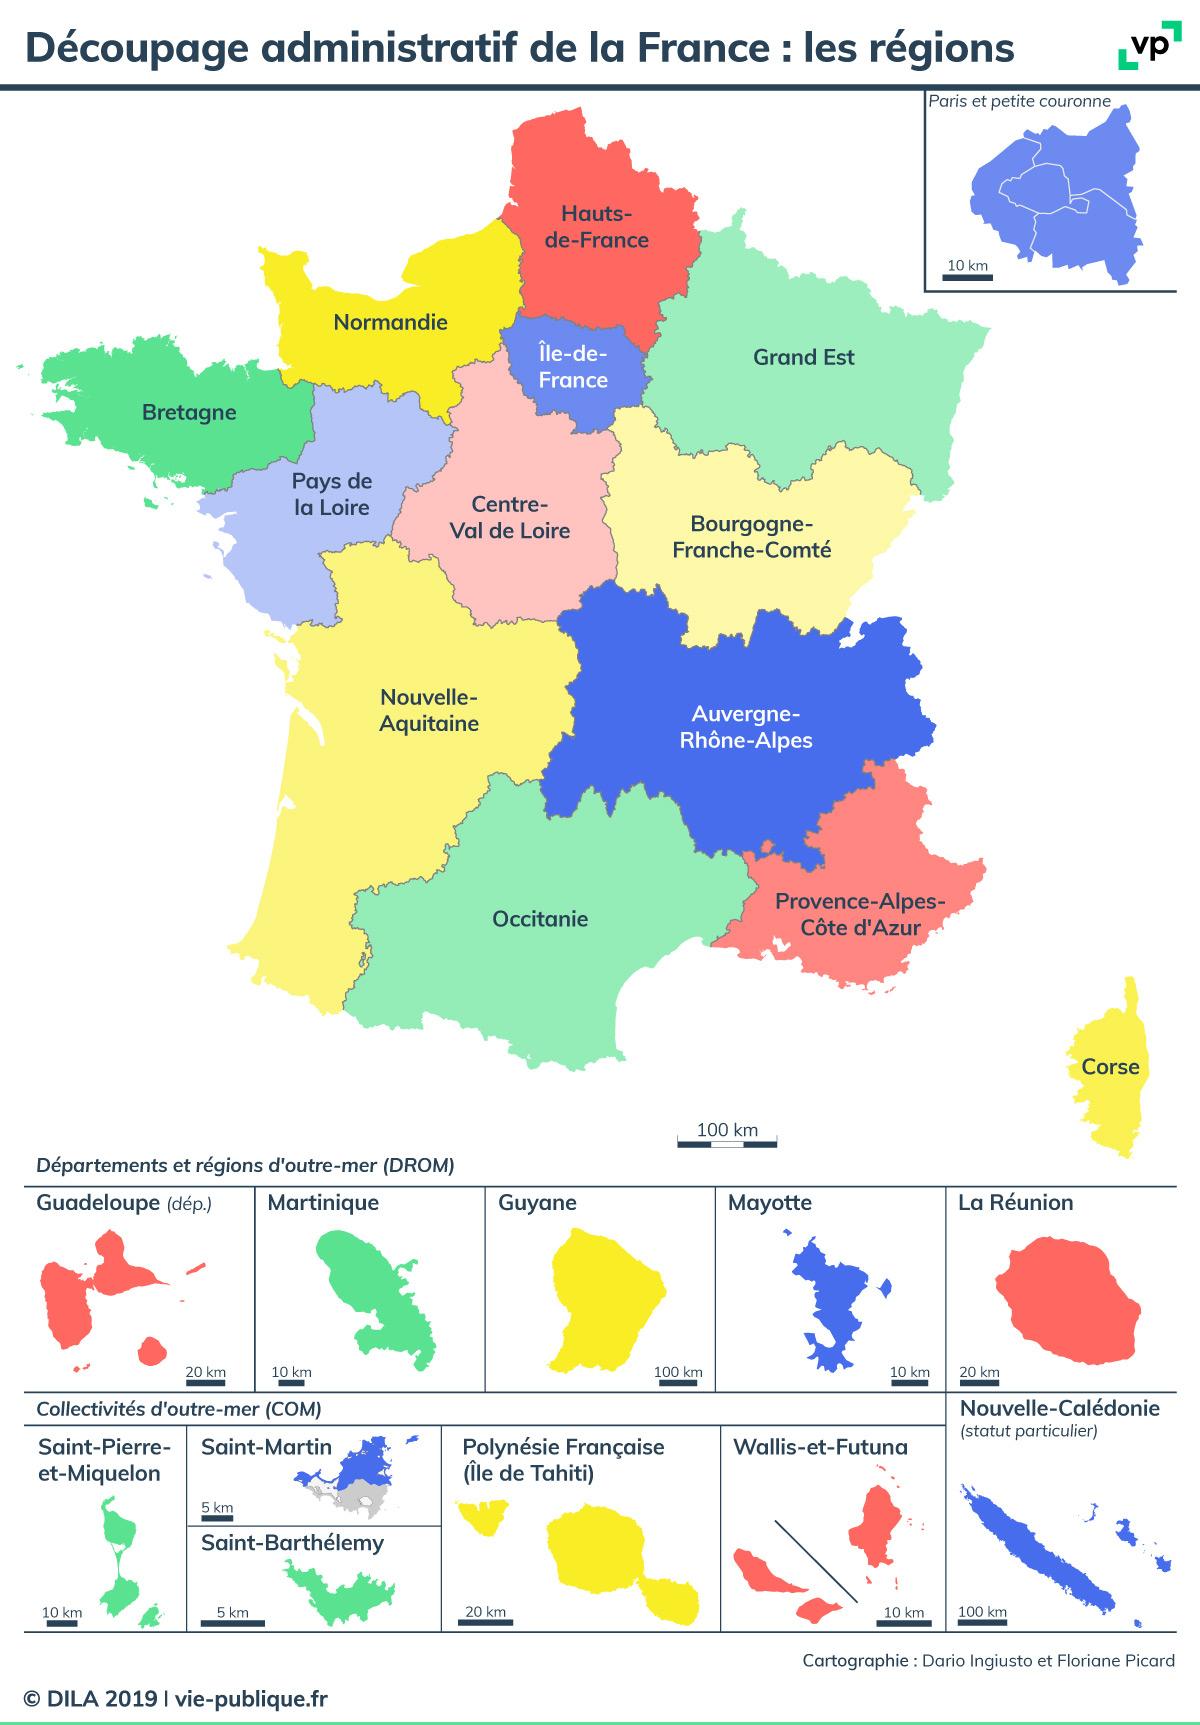 Découpage Administratif De La France : Les Régions | Vie concernant Carte Des 22 Régions